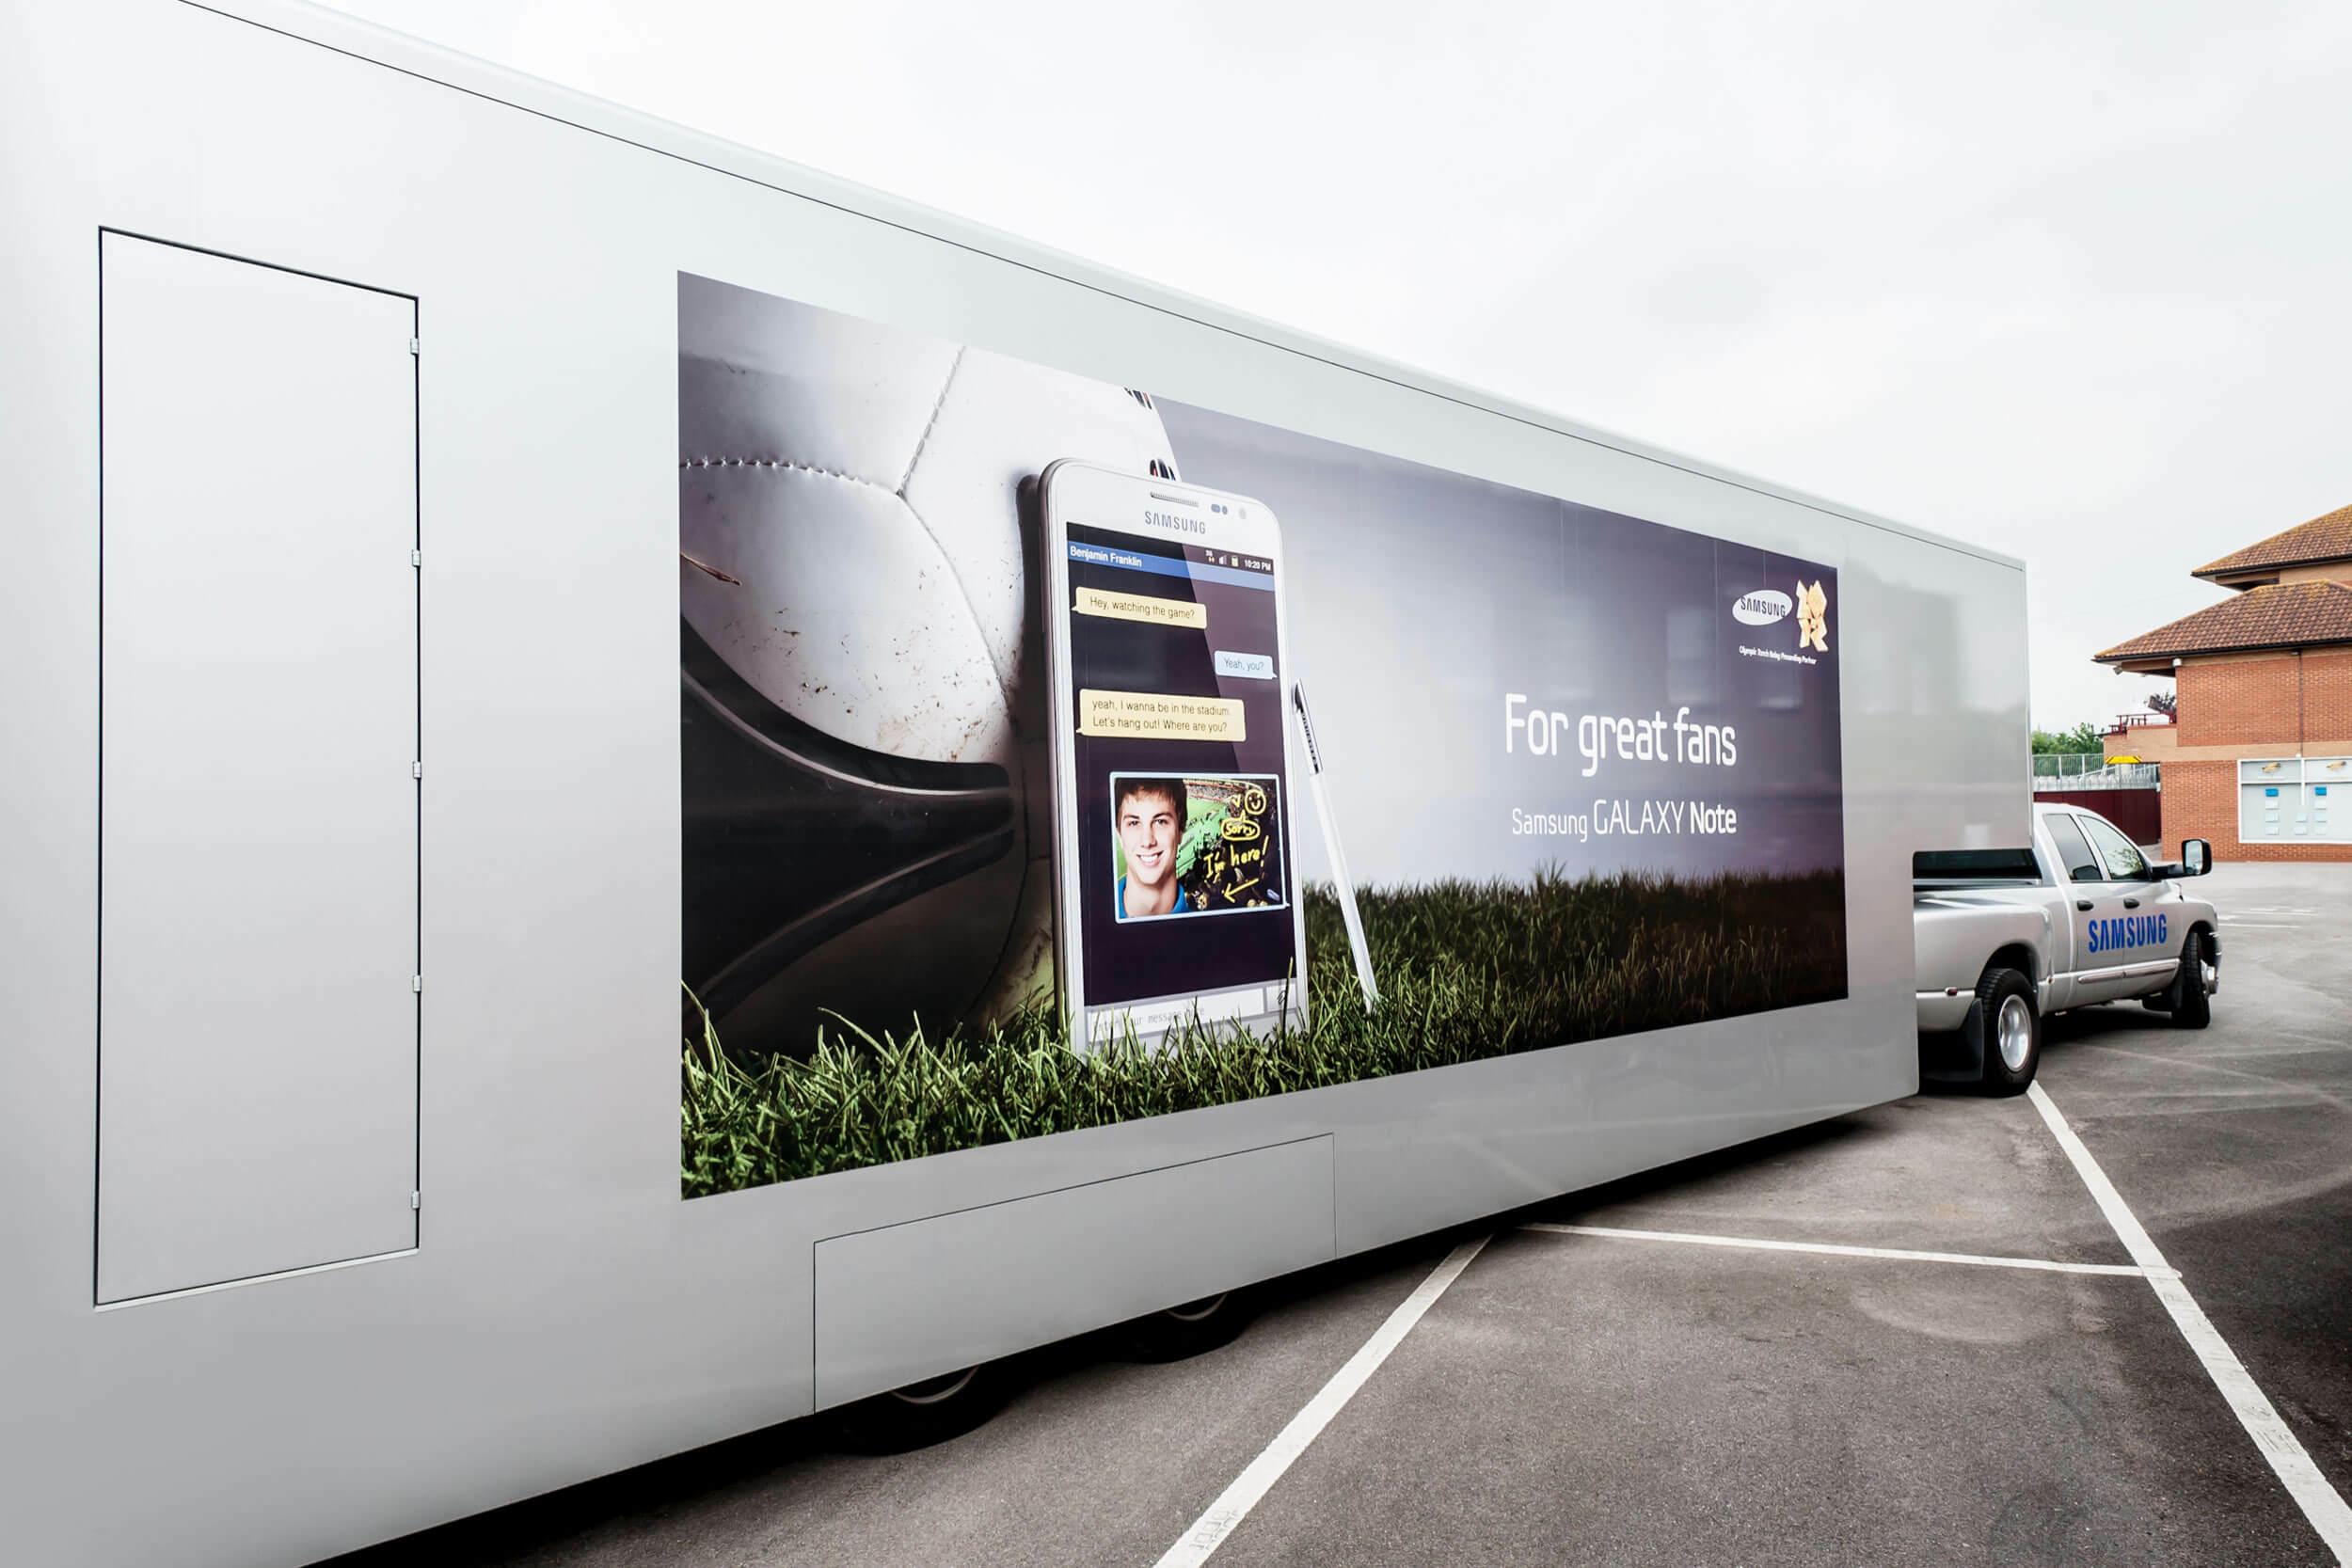 Samsung Anzeige auf einem Transporter